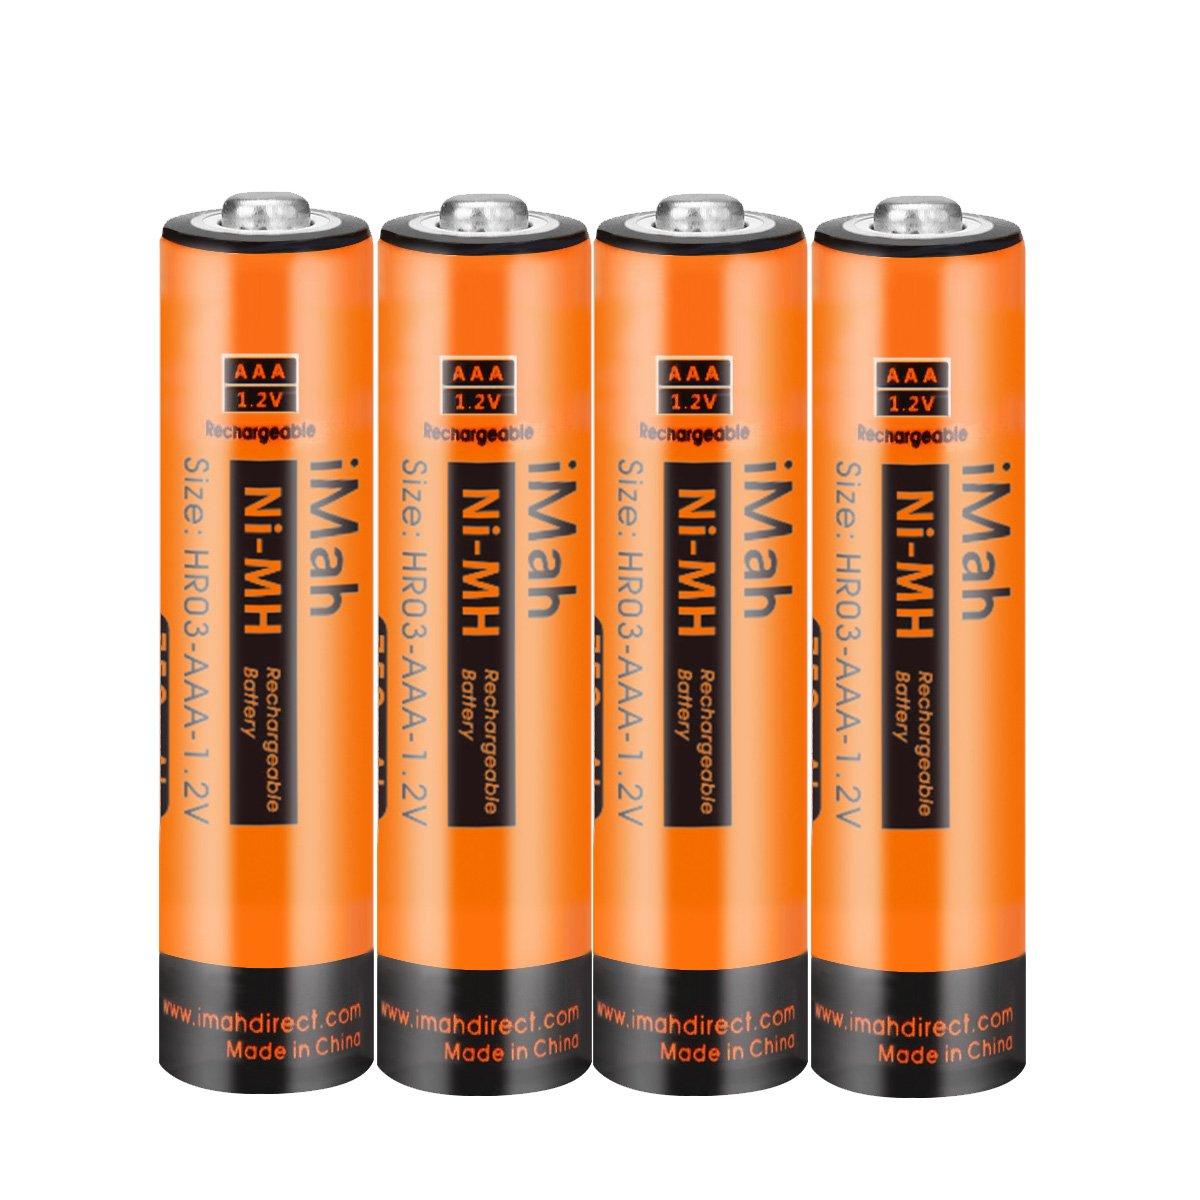 4 Baterias AAA recargables 1.2V 750mAh Ni-MH